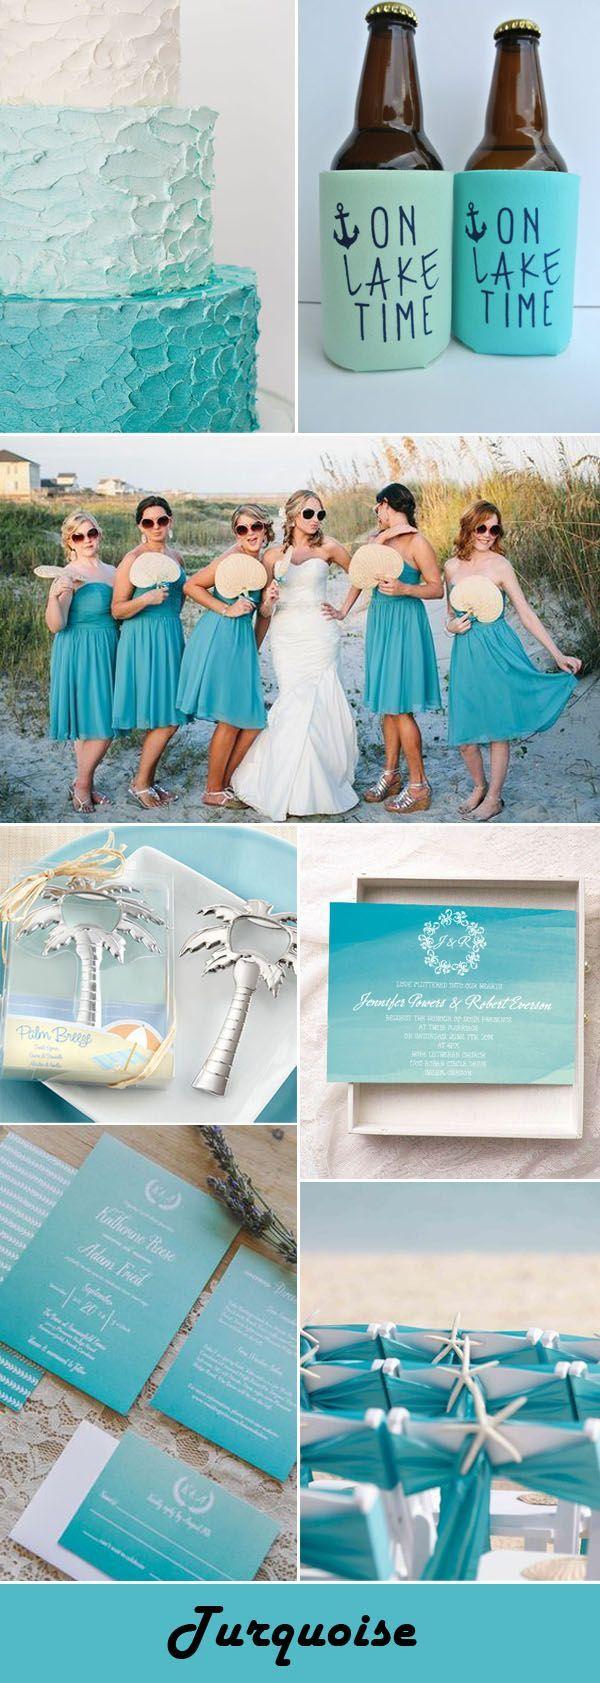 146 Best Beach Wedding Images On Pinterest Beach Weddings Beach